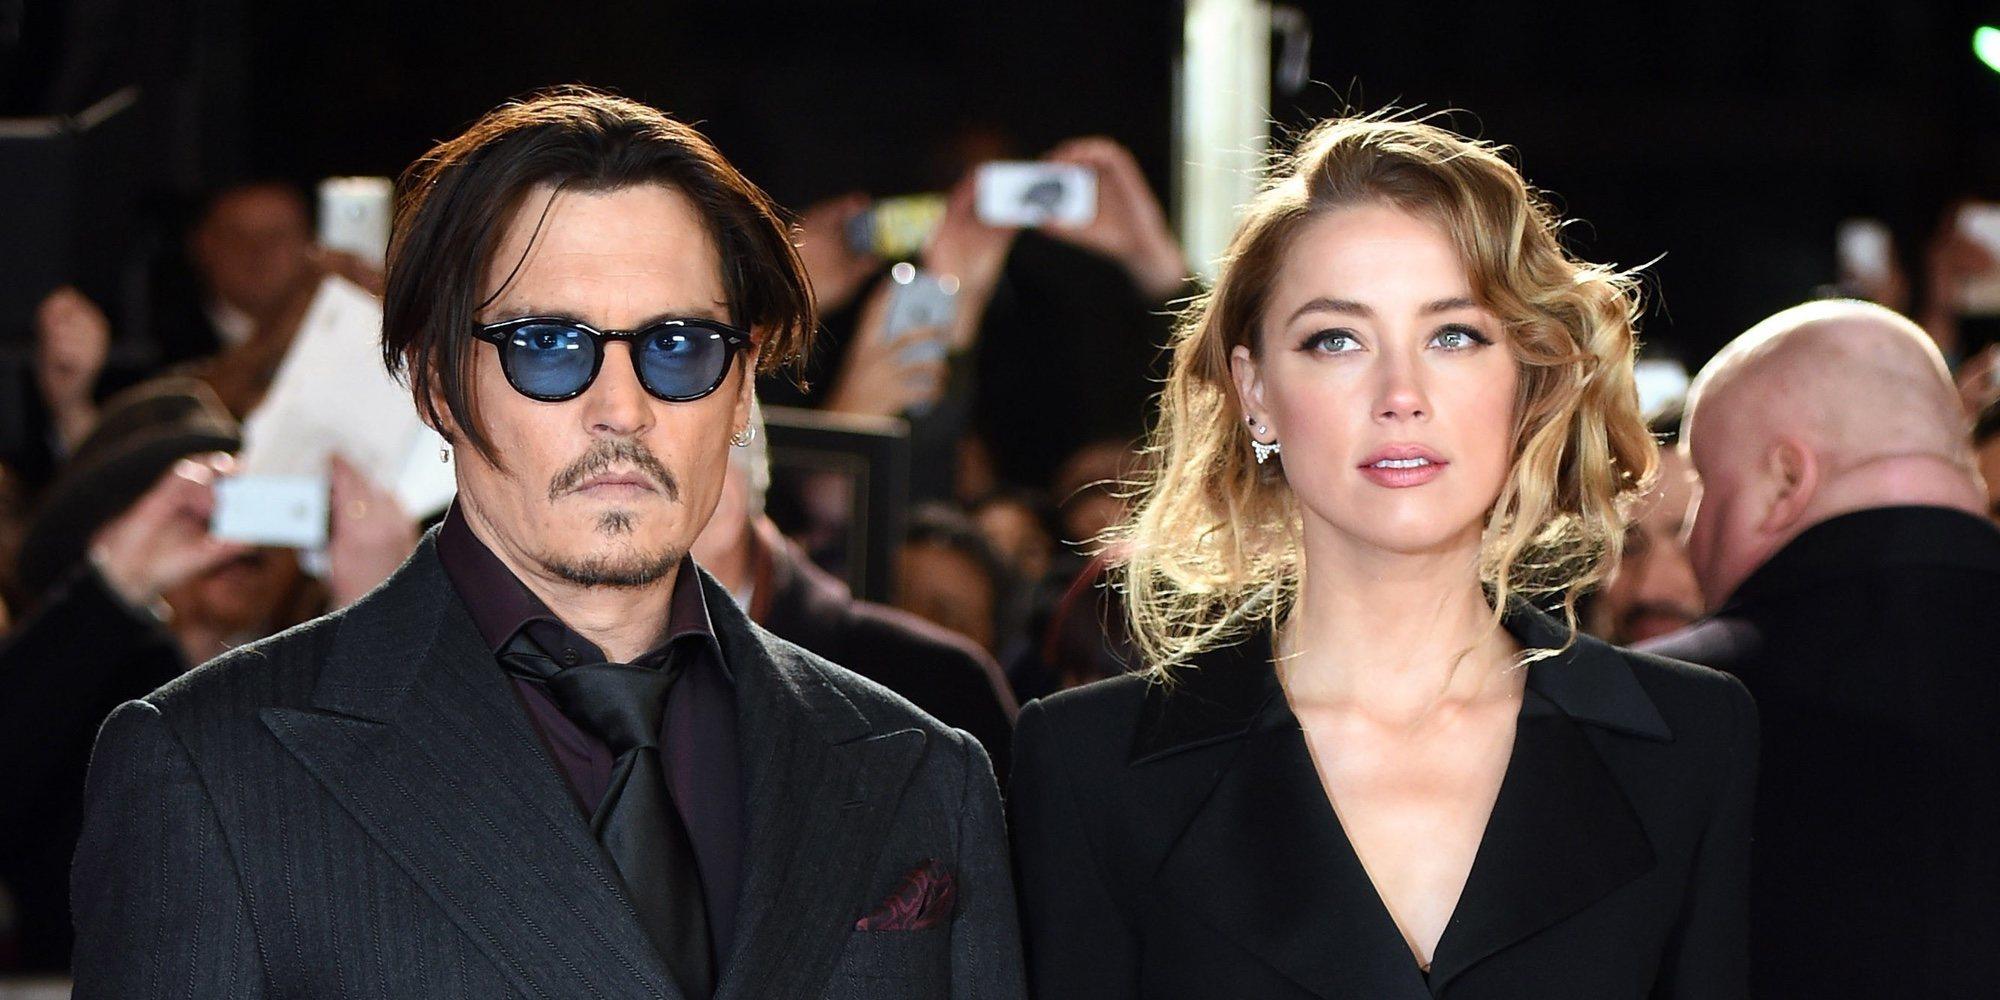 Johnny Depp demanda a Amber Heard y le reclama 50 millones por difamación